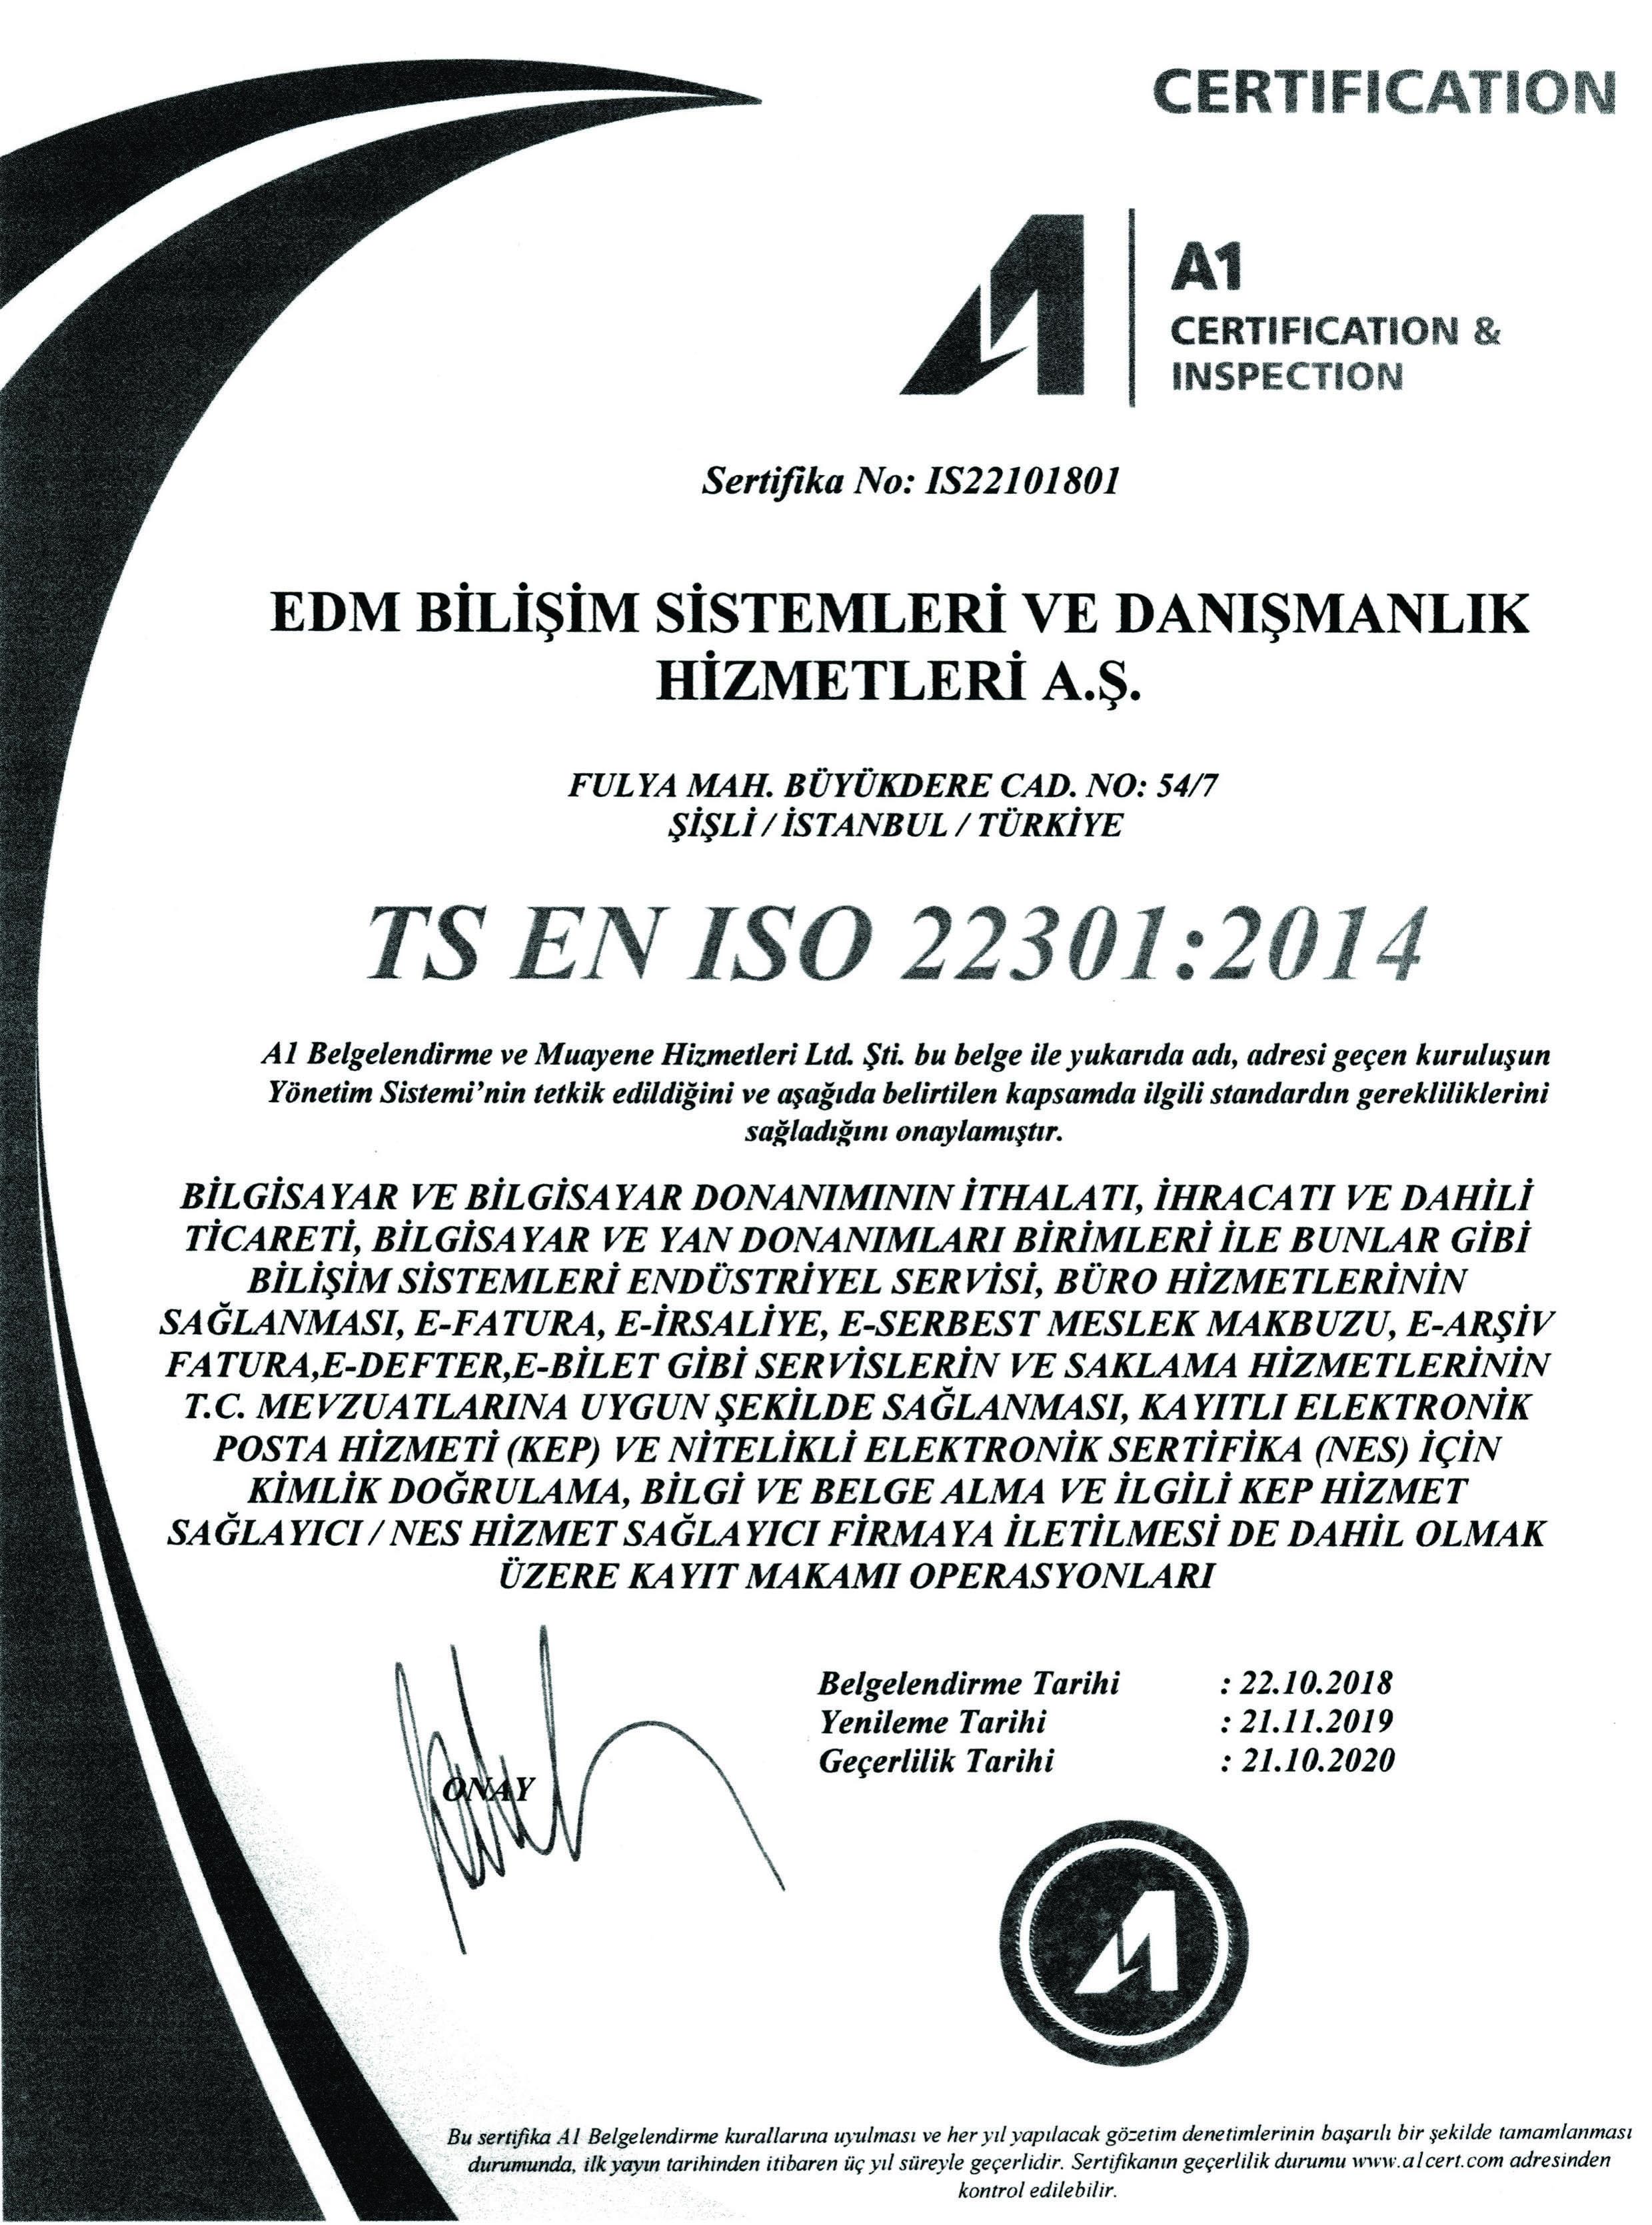 TS EN ISO 22301:2014